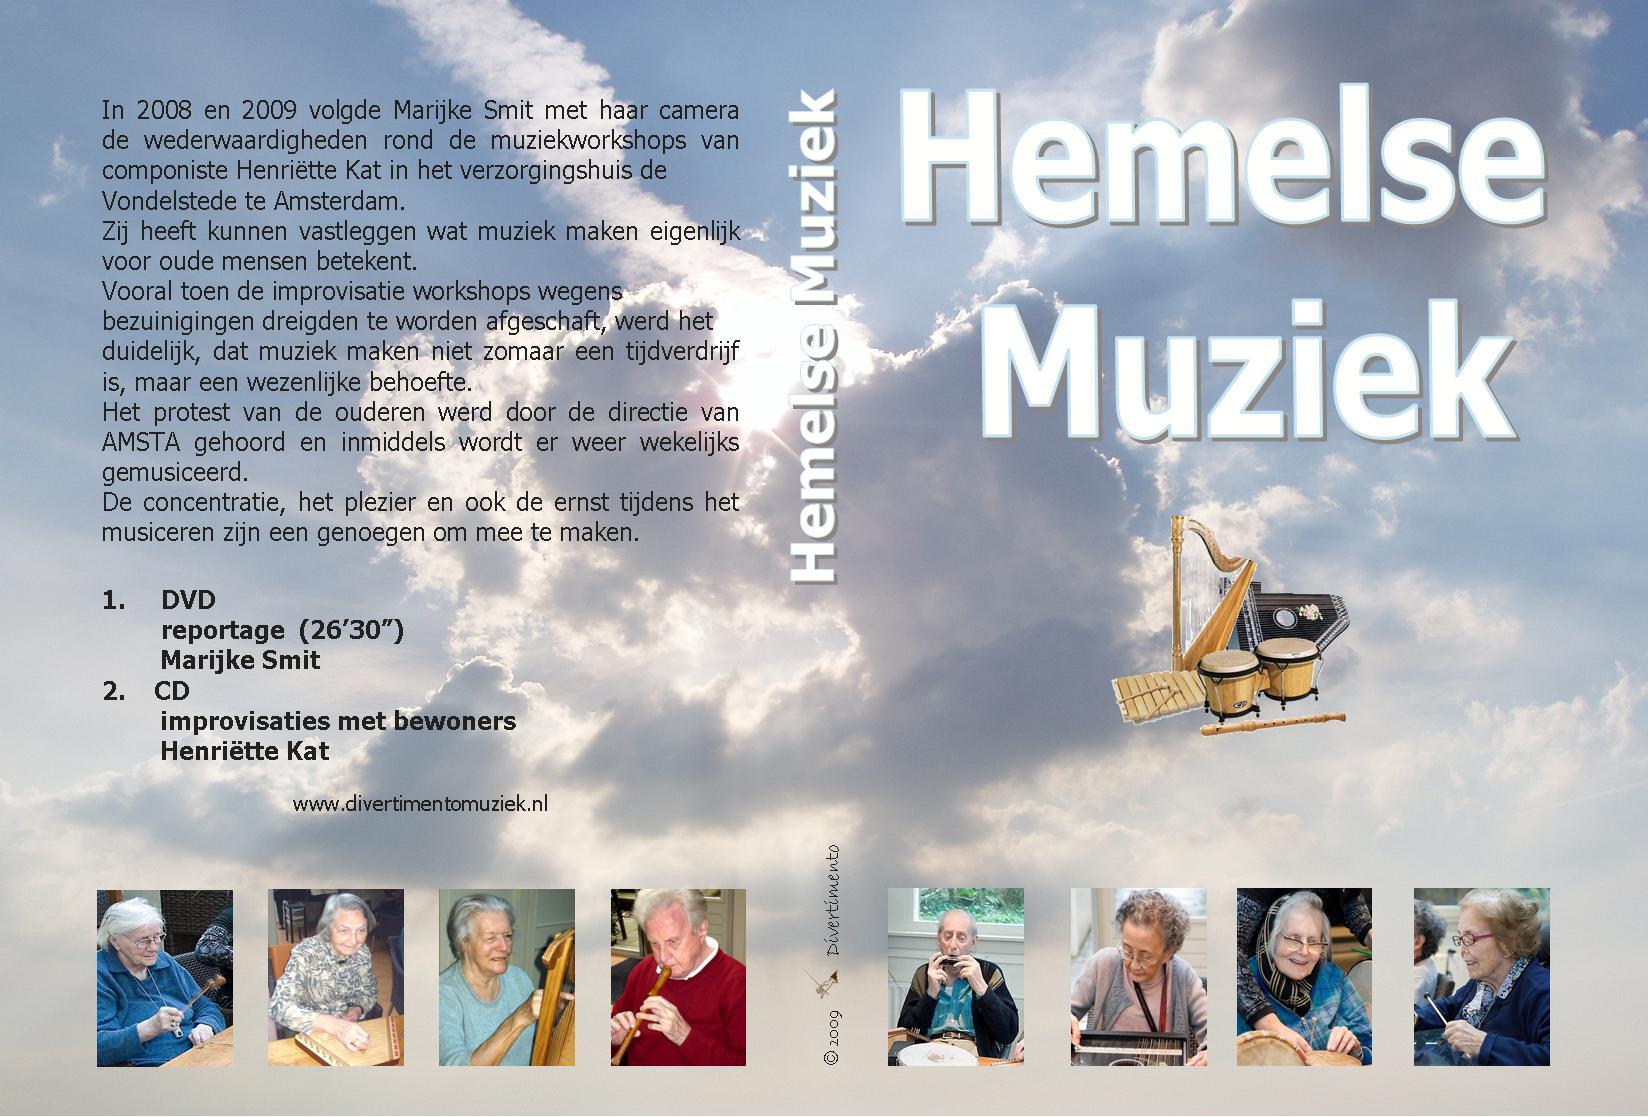 hoesje Helse muziek II